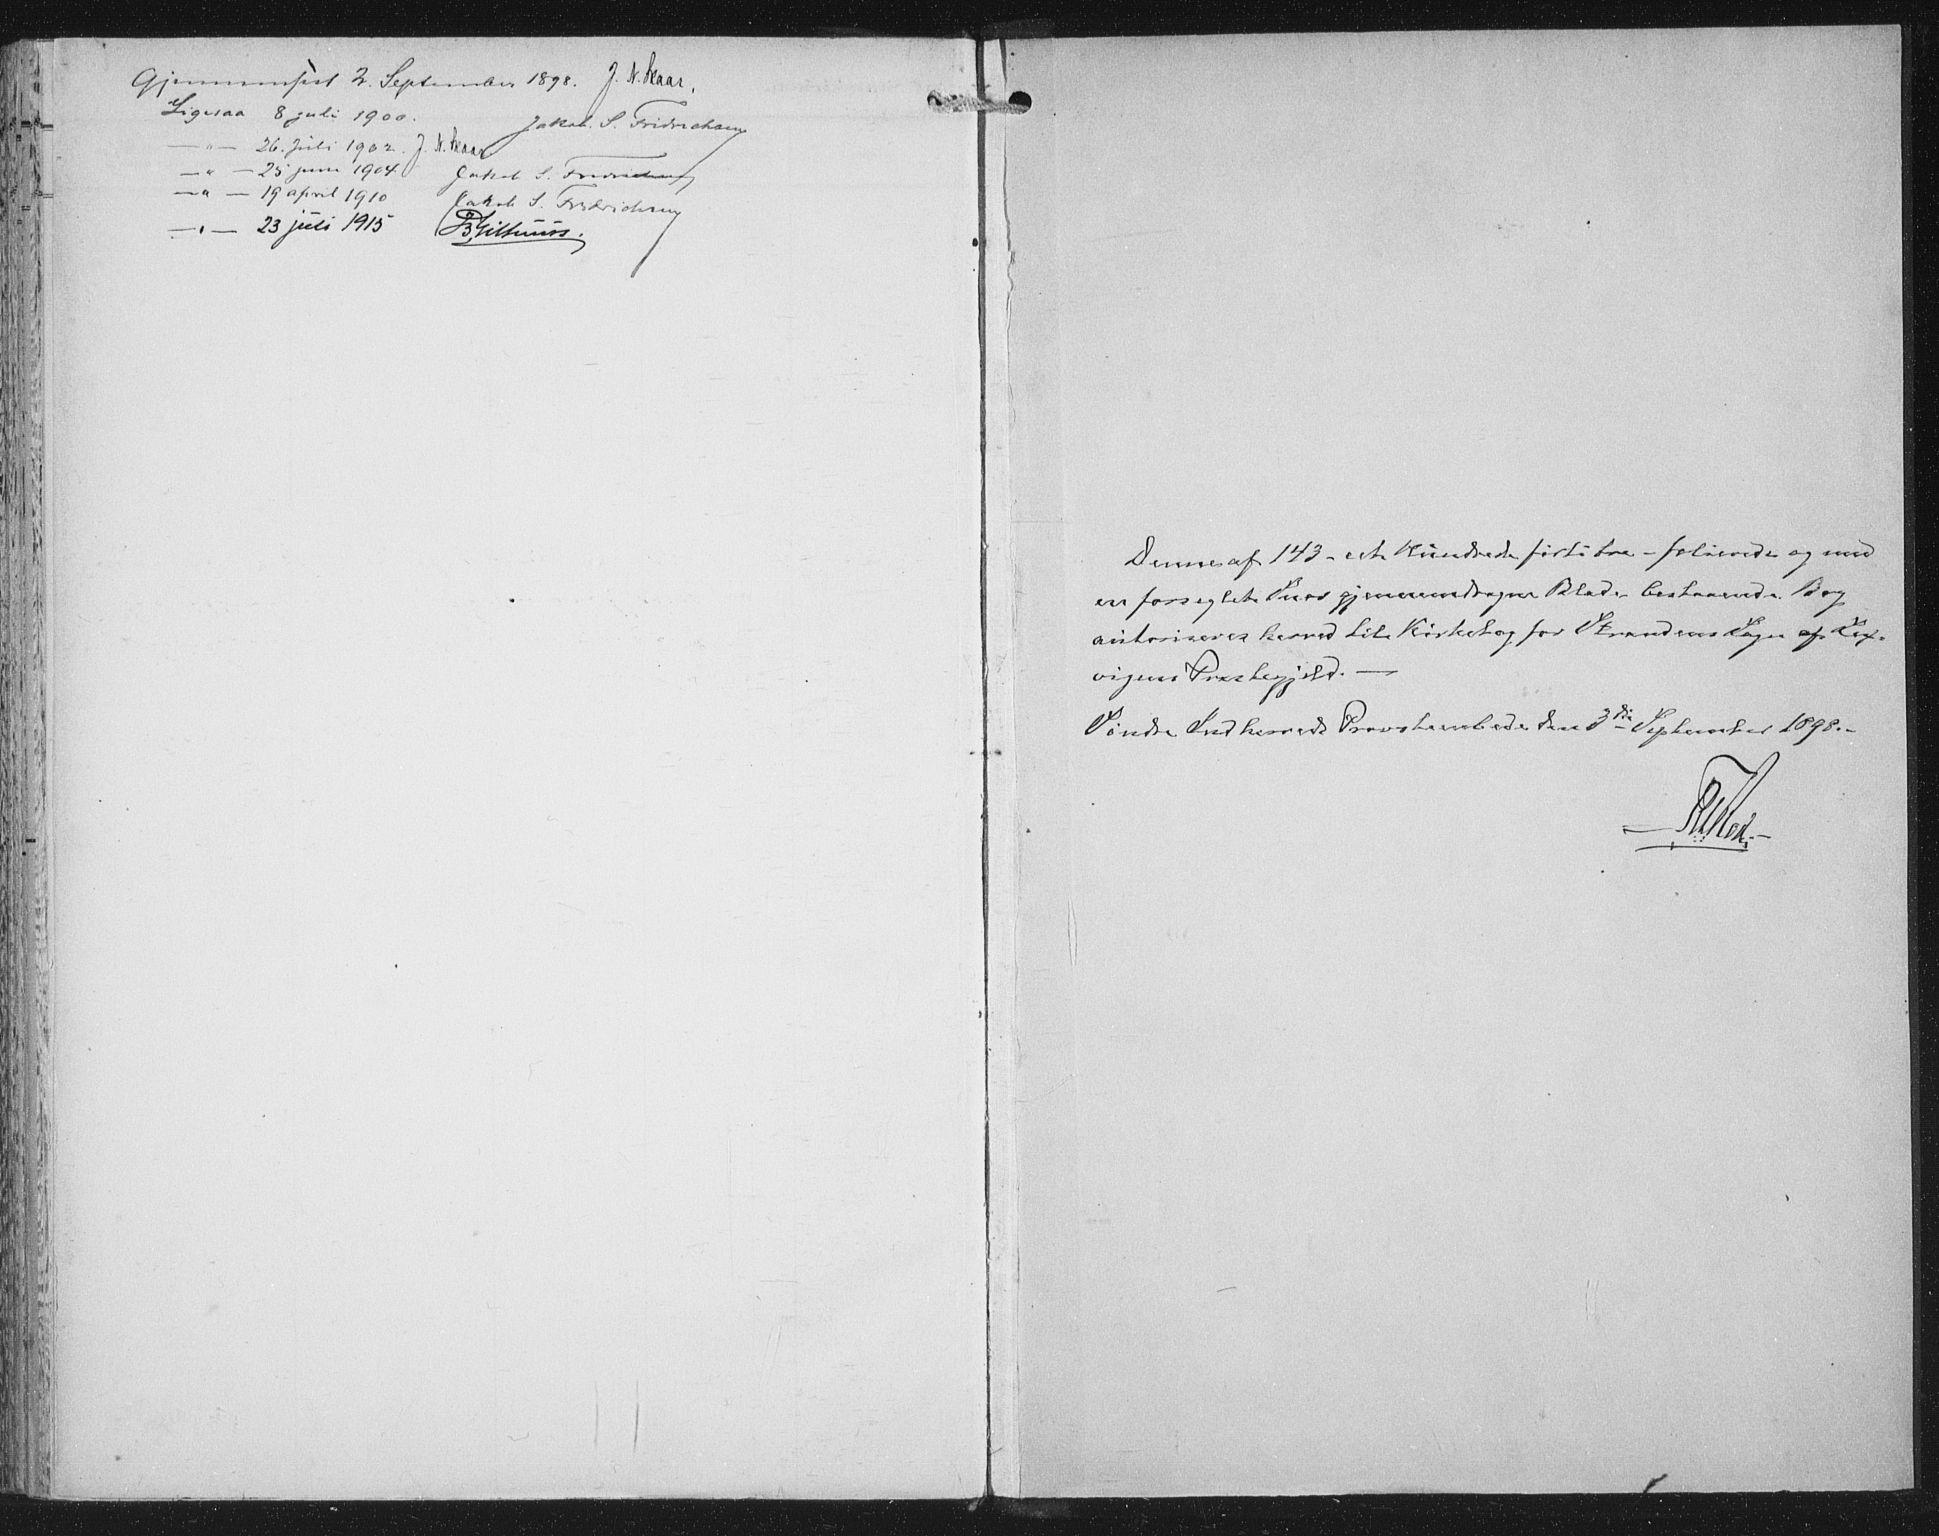 SAT, Ministerialprotokoller, klokkerbøker og fødselsregistre - Nord-Trøndelag, 702/L0024: Parish register (official) no. 702A02, 1898-1914